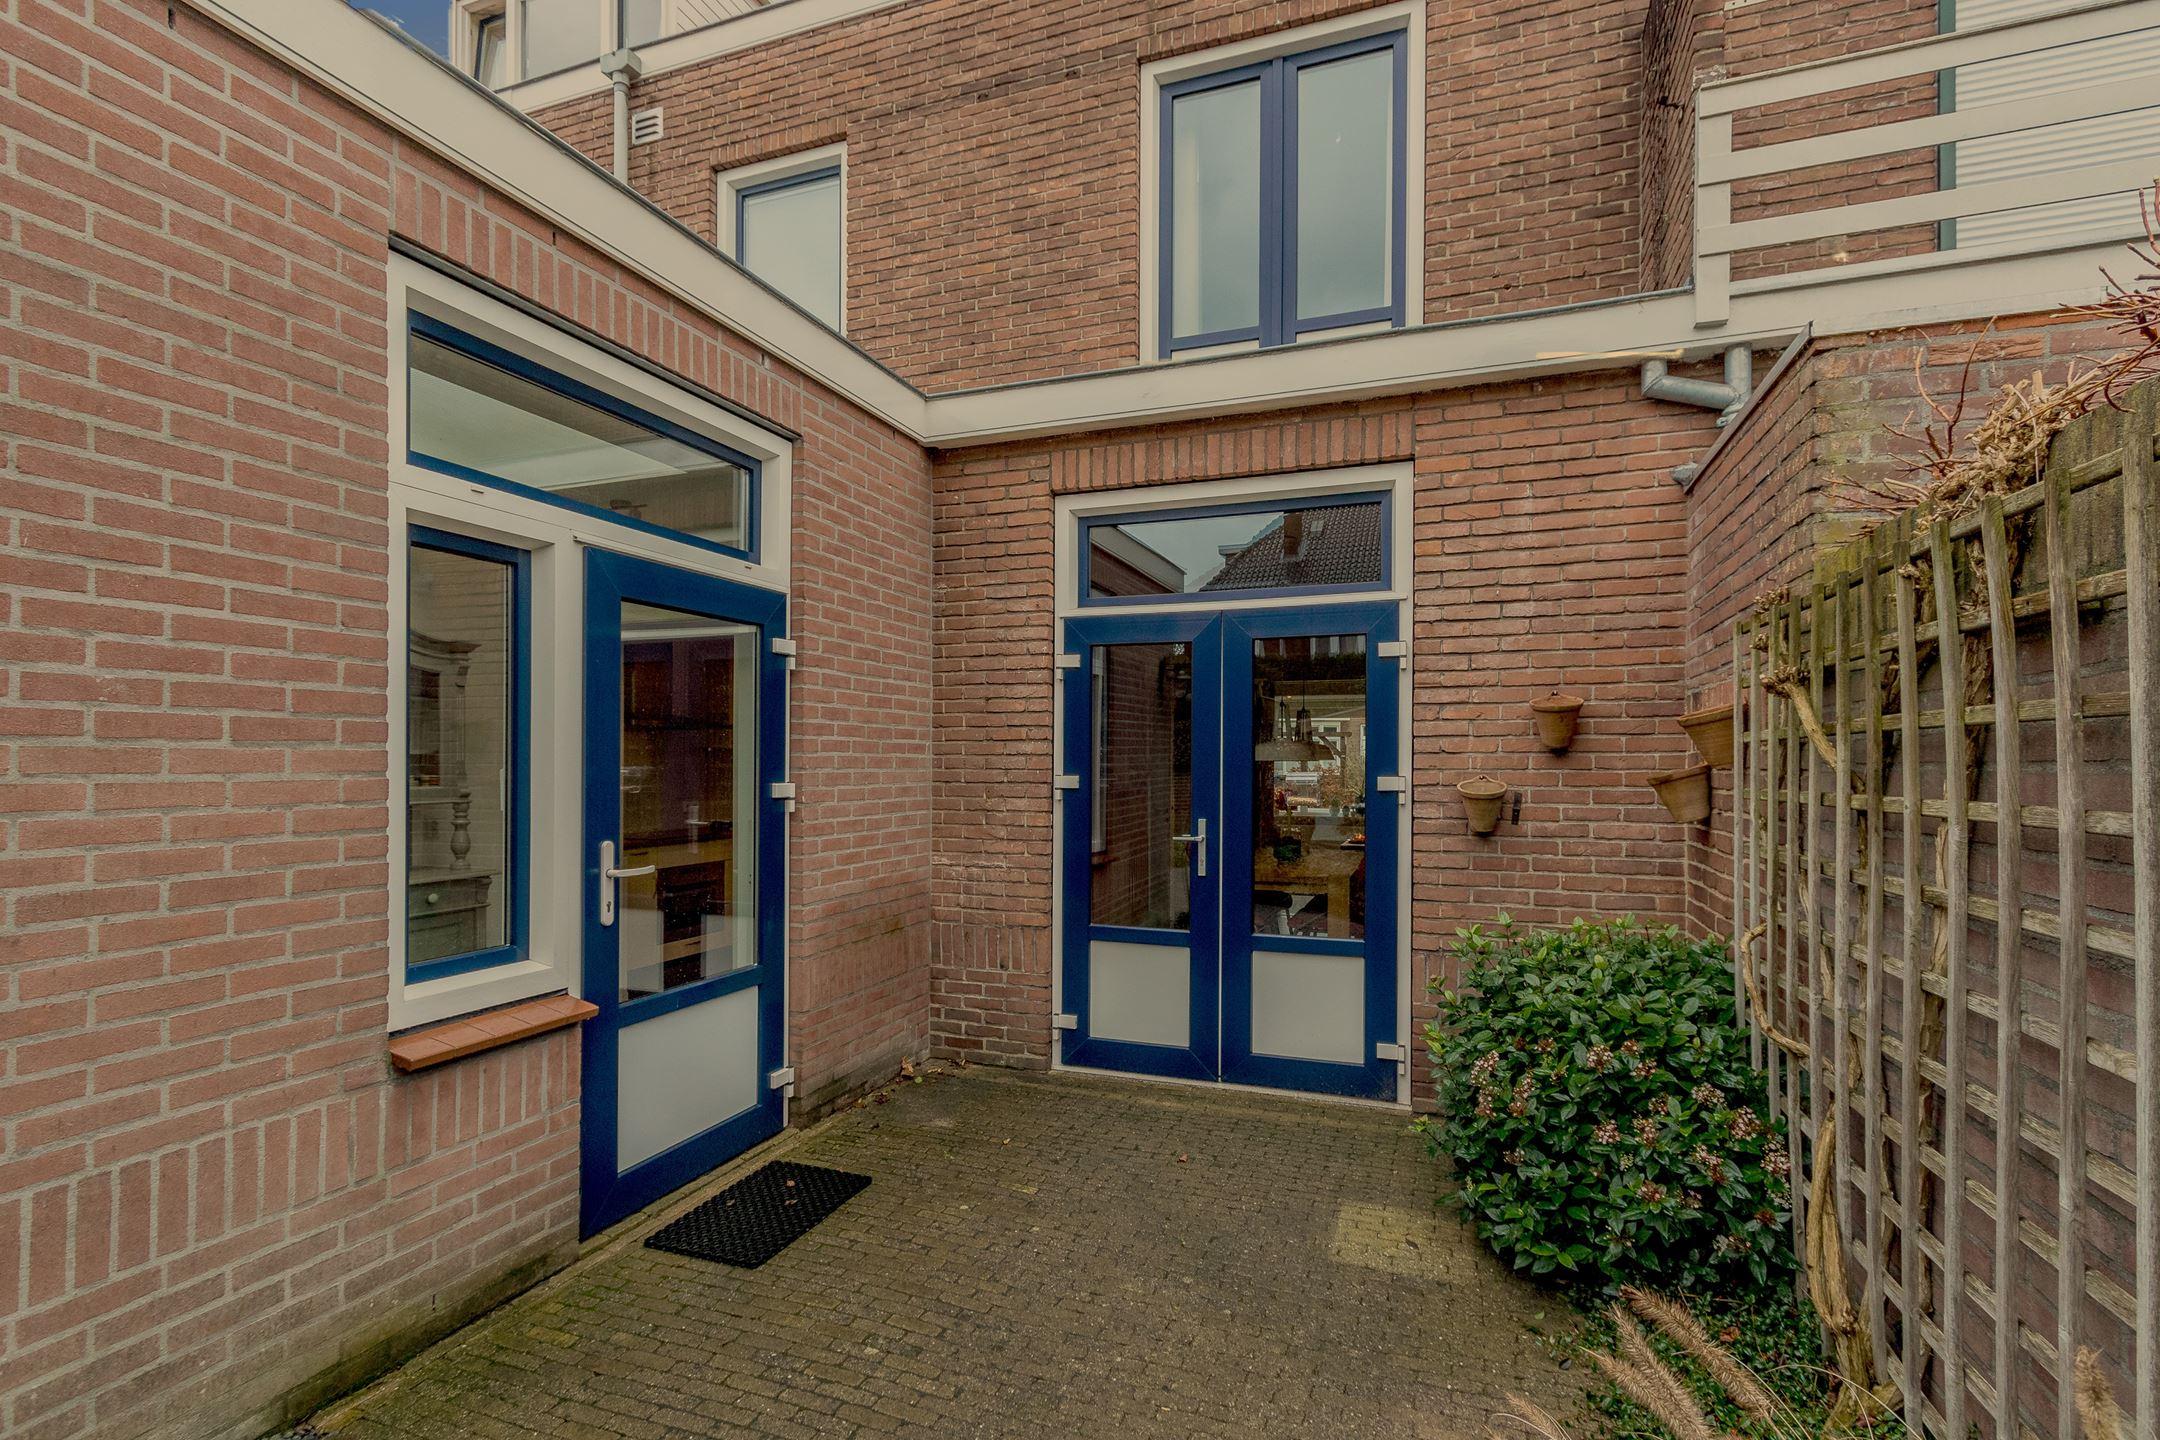 Huis te koop van peltlaan 45 6533 za nijmegen funda for Huis te koop in nijmegen